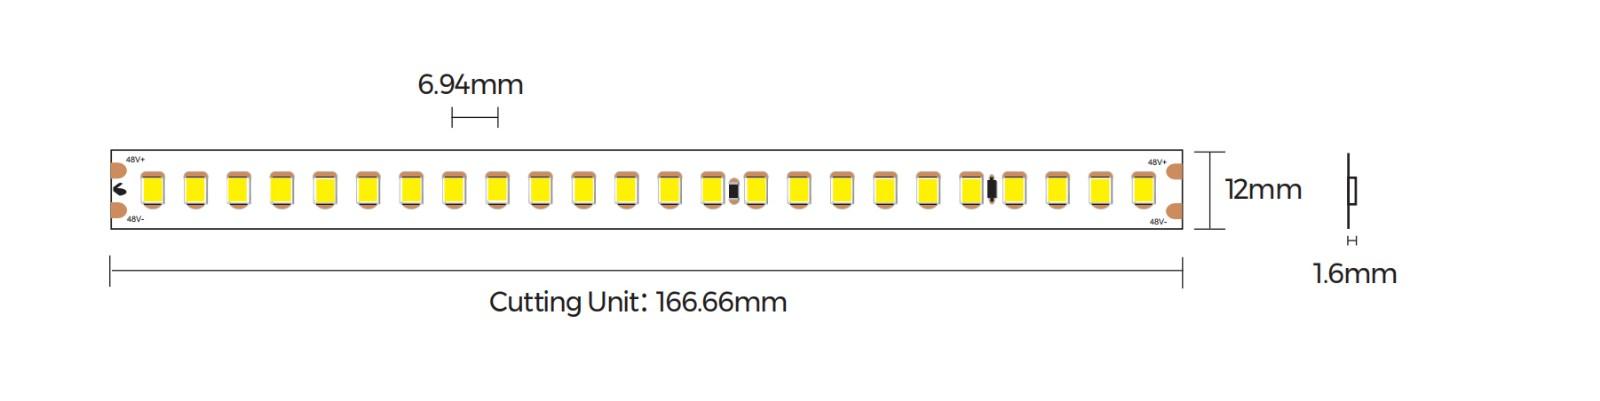 DS8144-48V-12mm